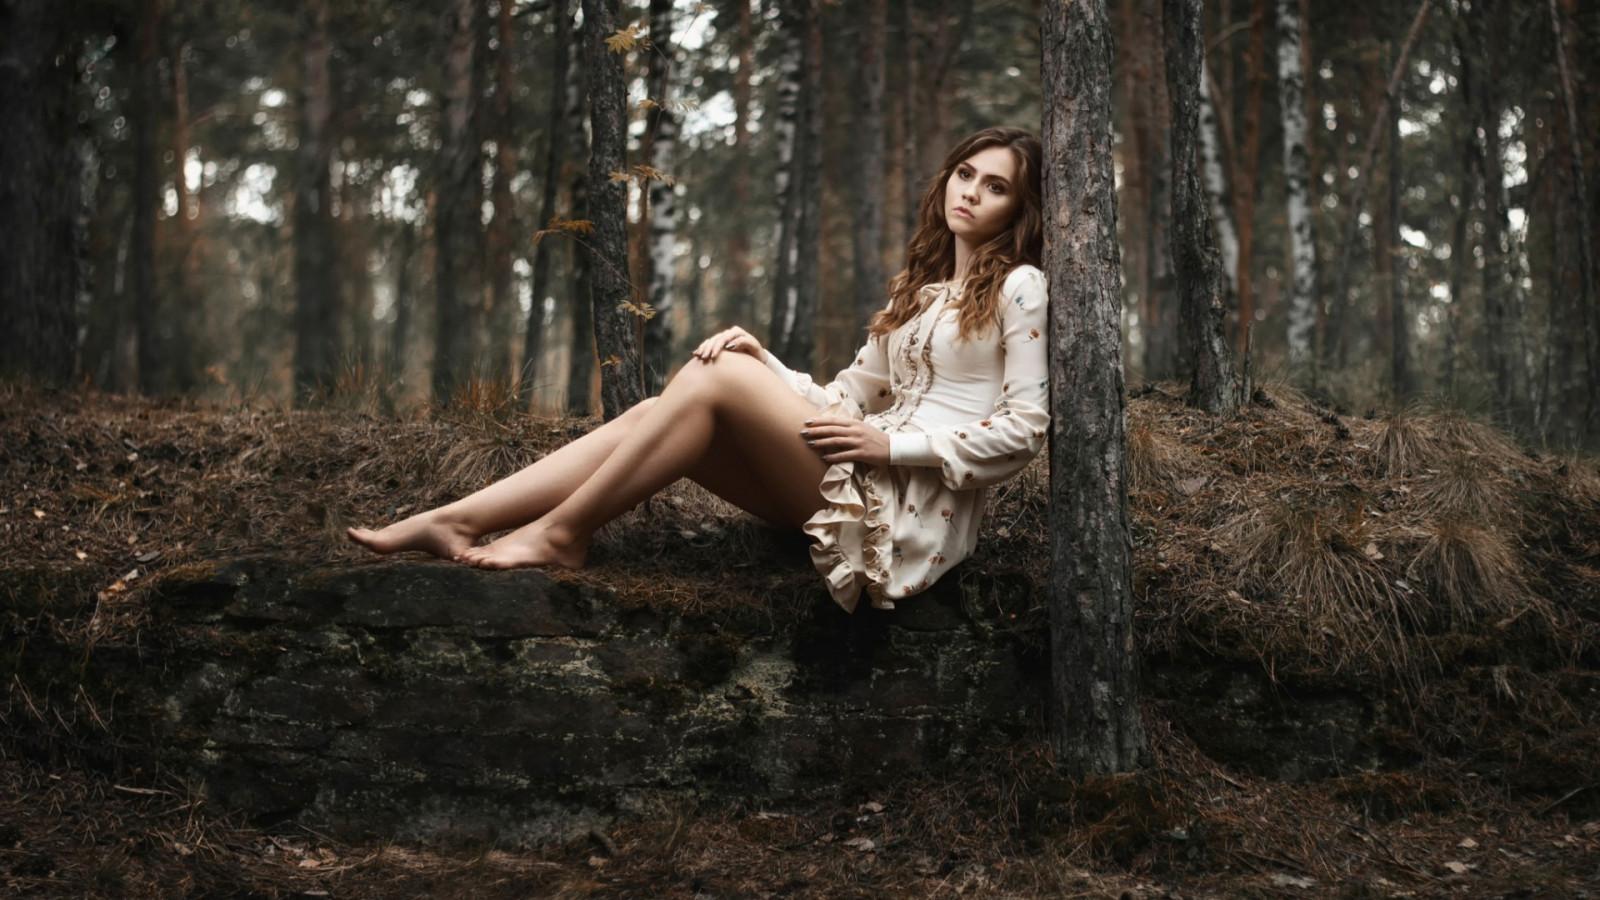 Красивая русская девушка в лесу, порно фото на звезд российской эстрады